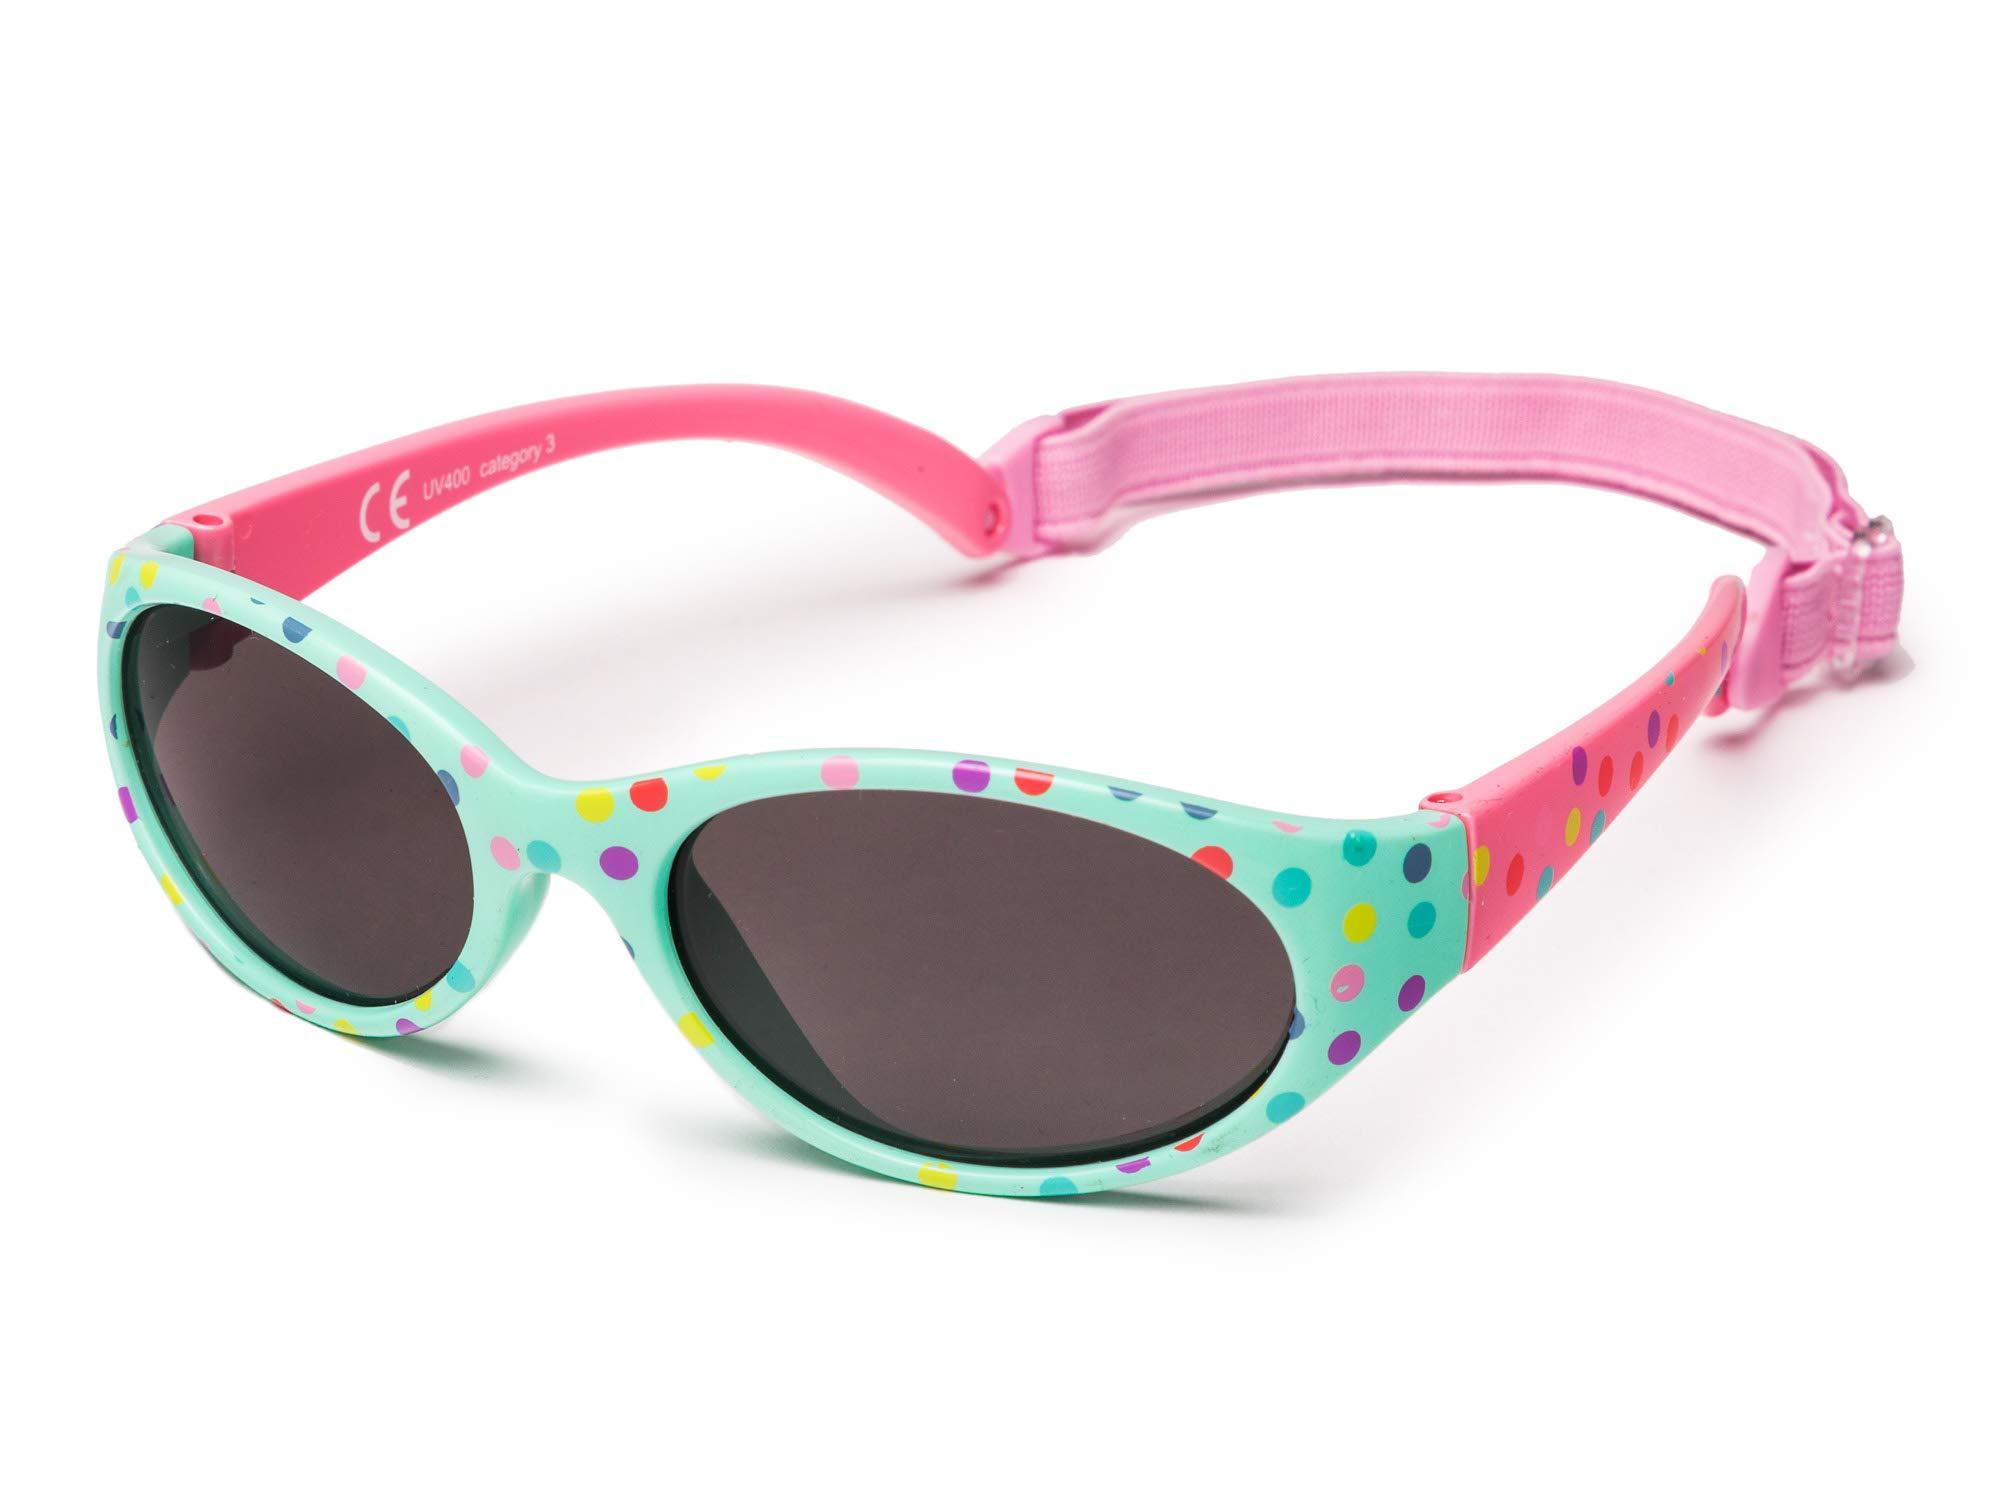 31d20fb028 Kiddus Gafas de sol para niña niño entre 2 y 6 años, hecho de goma  TOTALMENTE FLEXIBLES, 100% protección rayos UVA y UVB, seguras,  confortables y muy ...